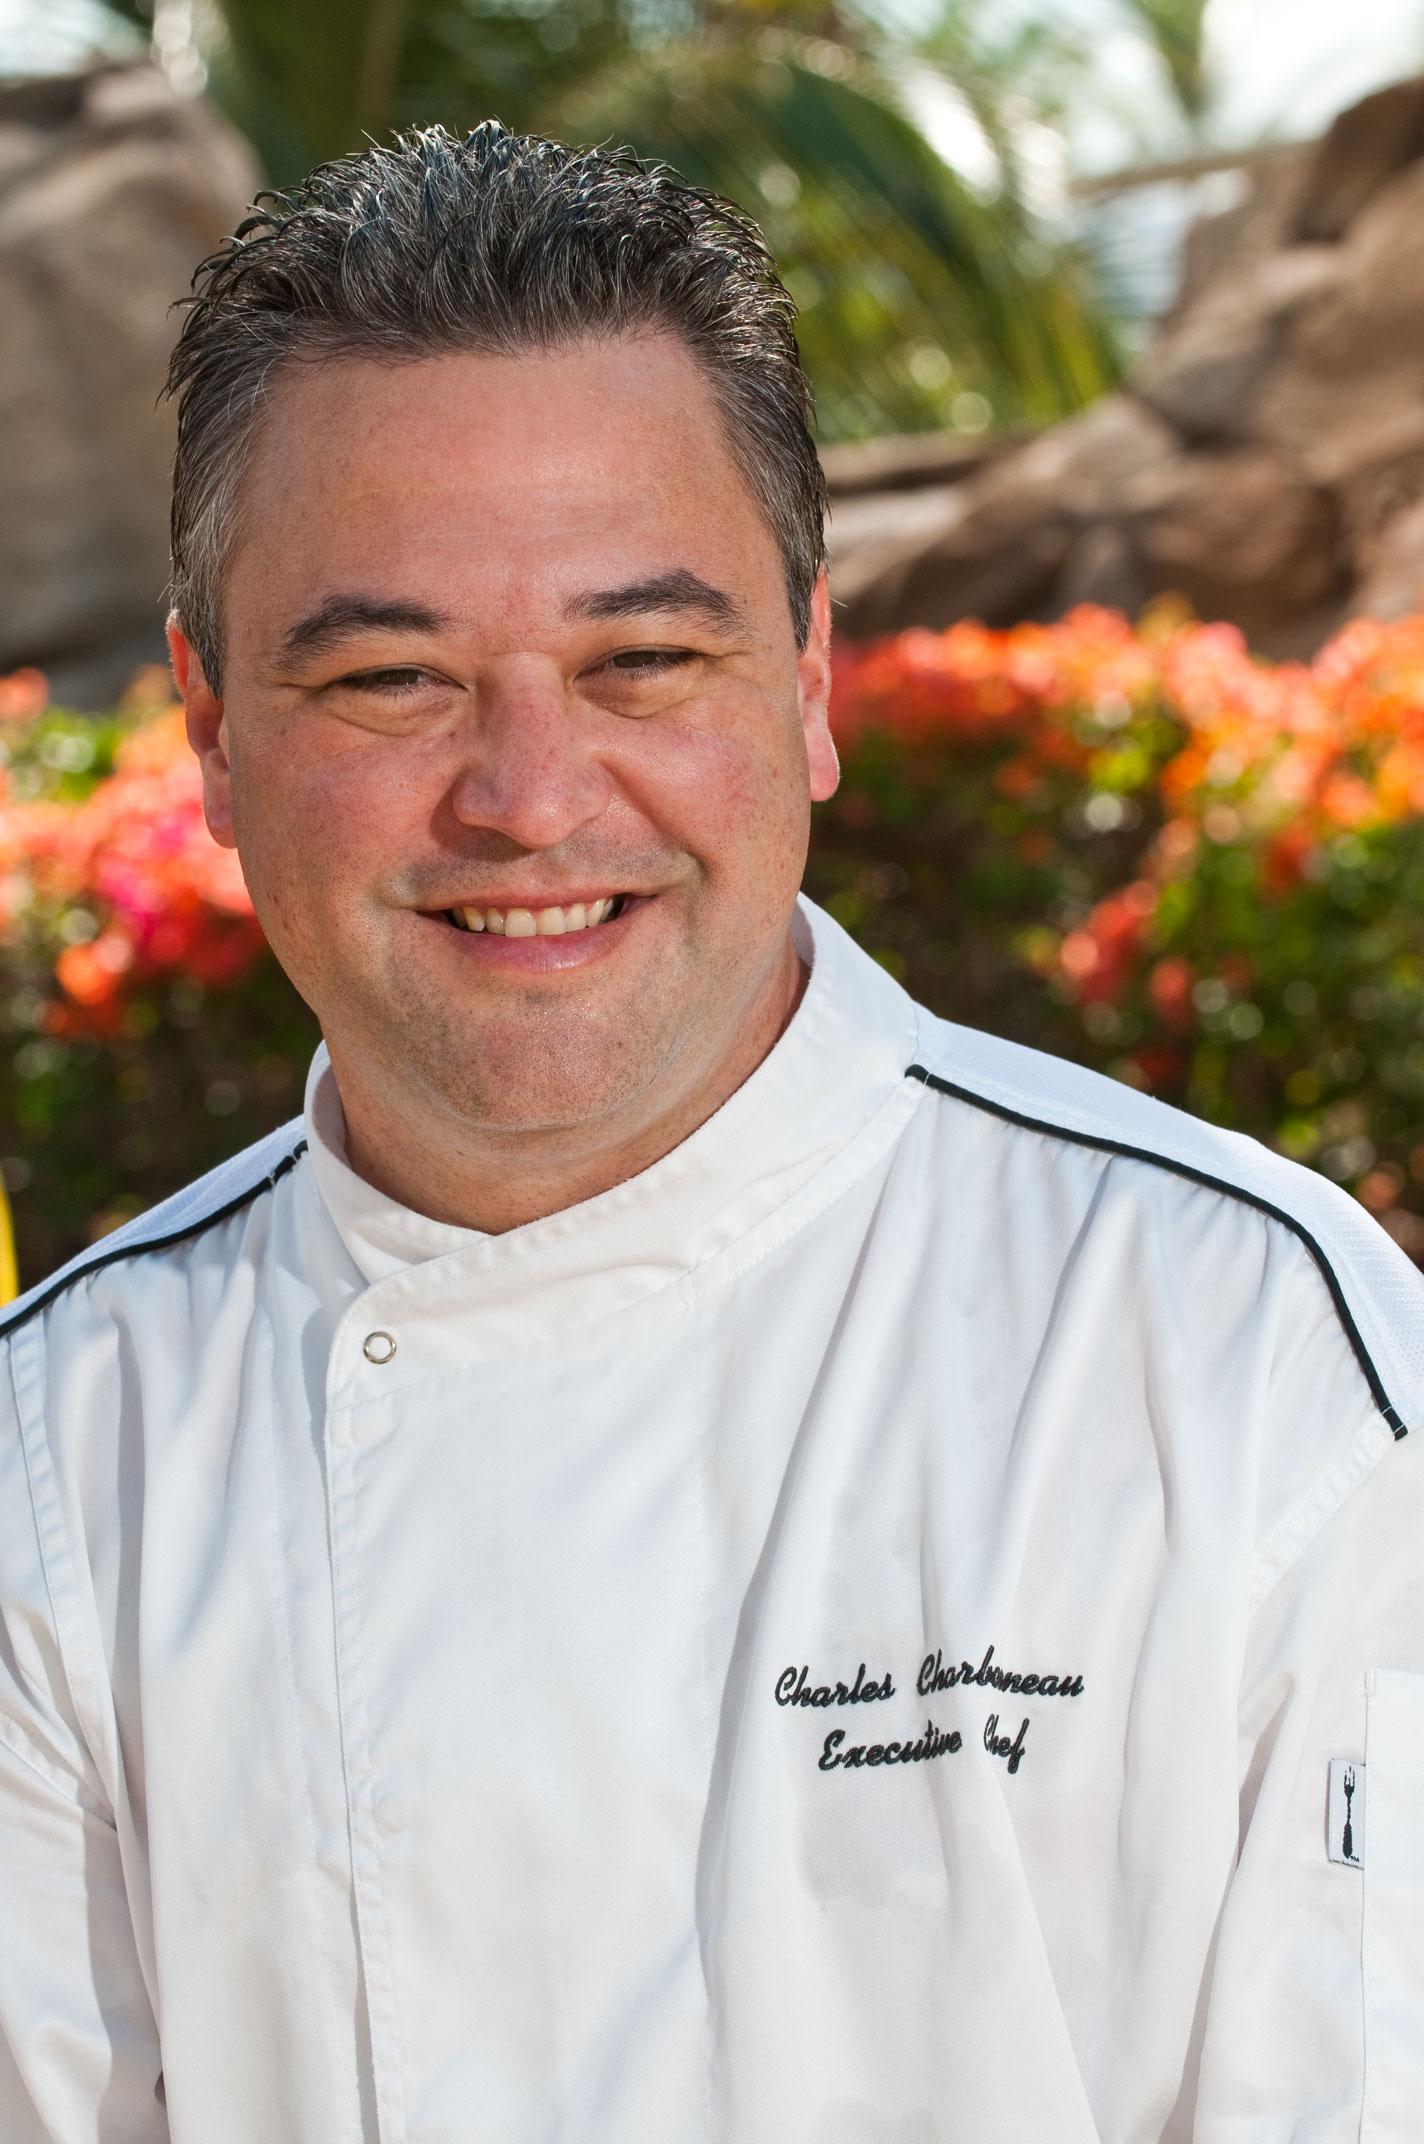 ヒルトン・ハワイアン・ビレッジ 新しい総料理長にチャールズ・シャルボノー氏を任命